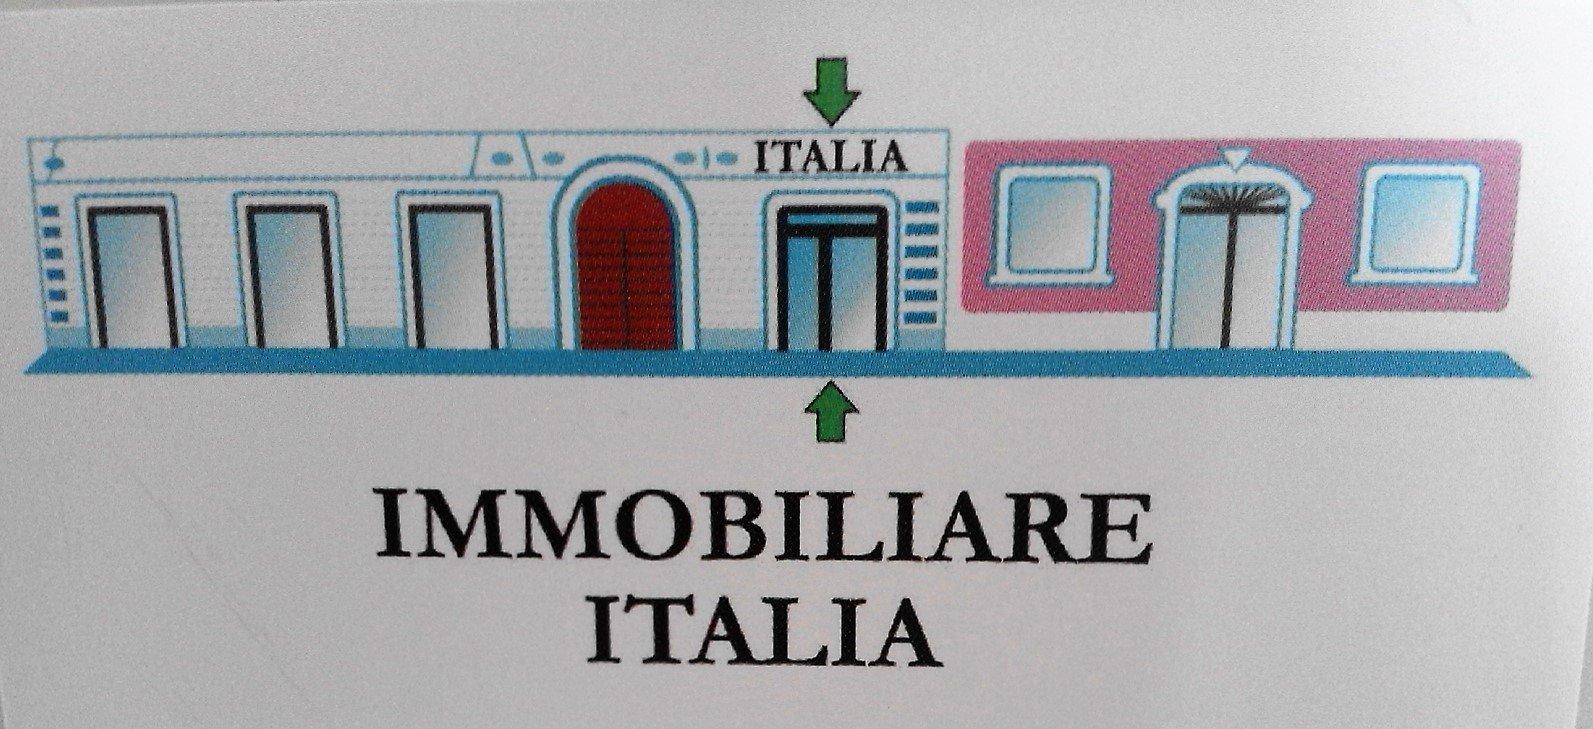 immobiliare italia